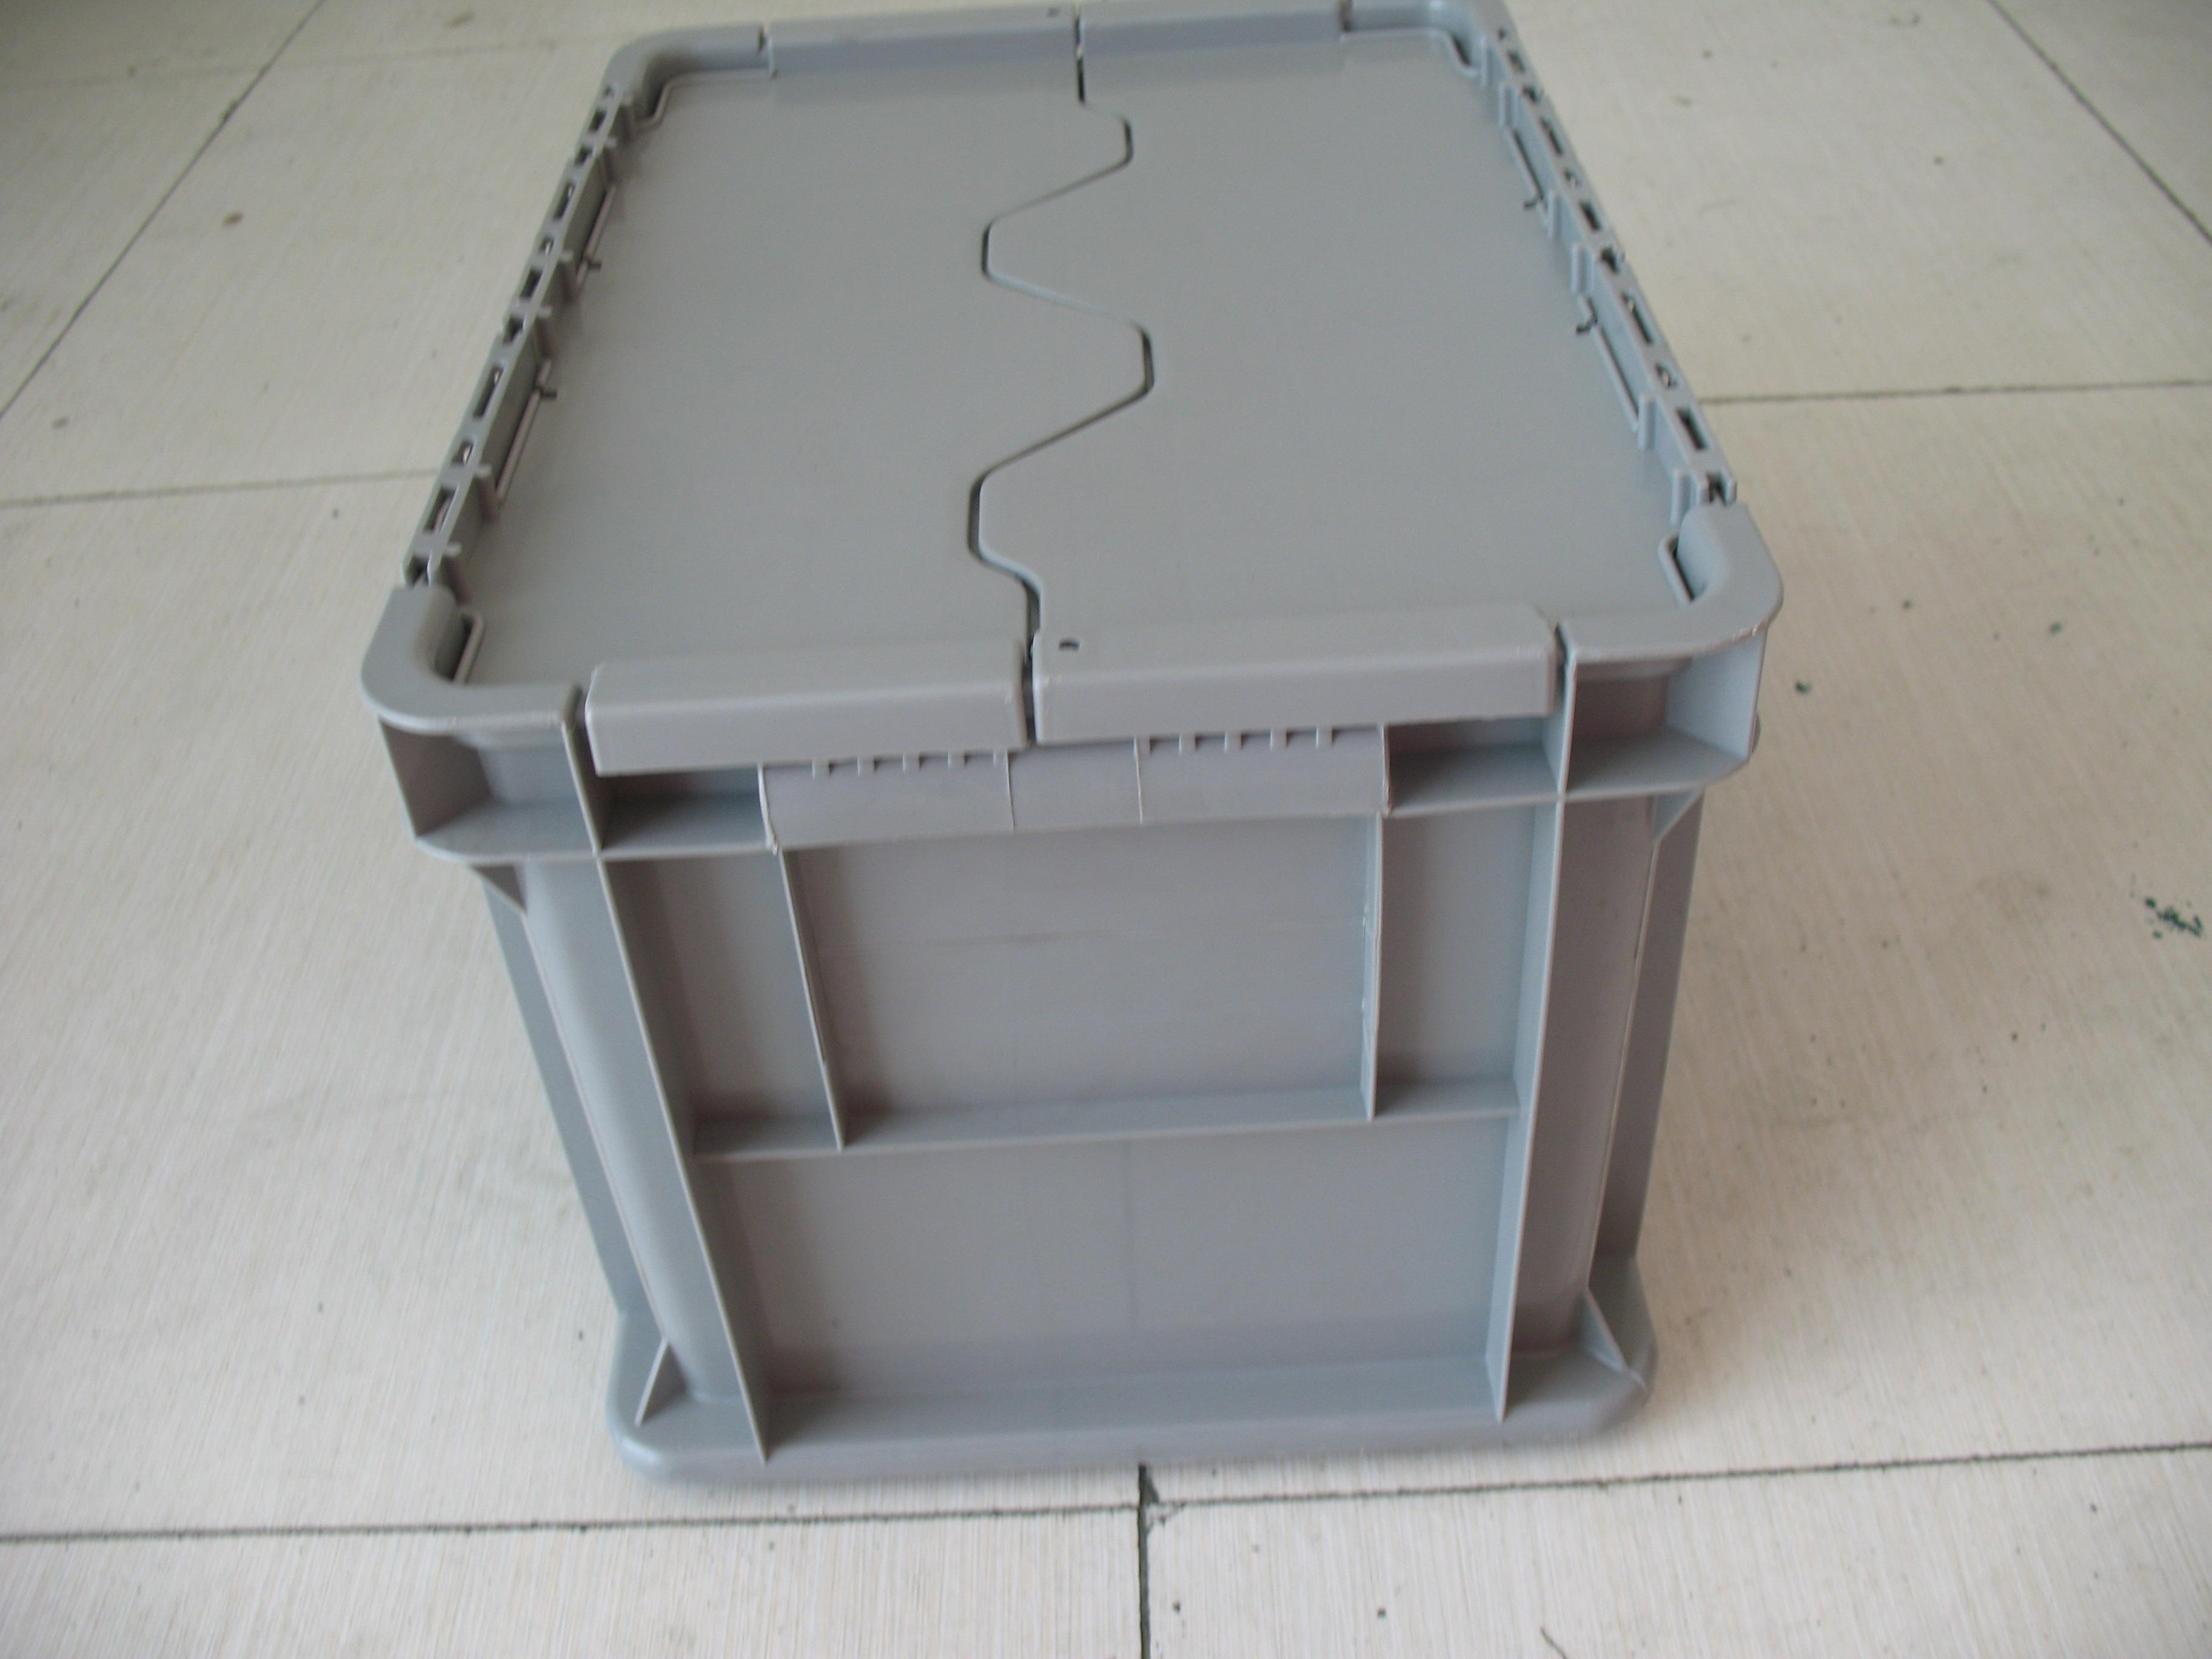 塑料周转箱生产厂家上海渠晟批发塑料周转箱 防静电周转箱四周带卡槽 食品塑料箱重庆